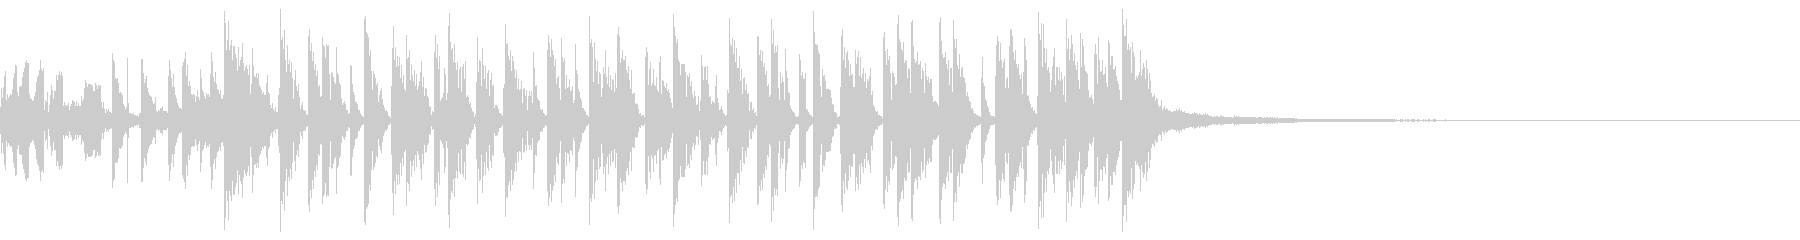 ジャイロスコープALT。混合の未再生の波形